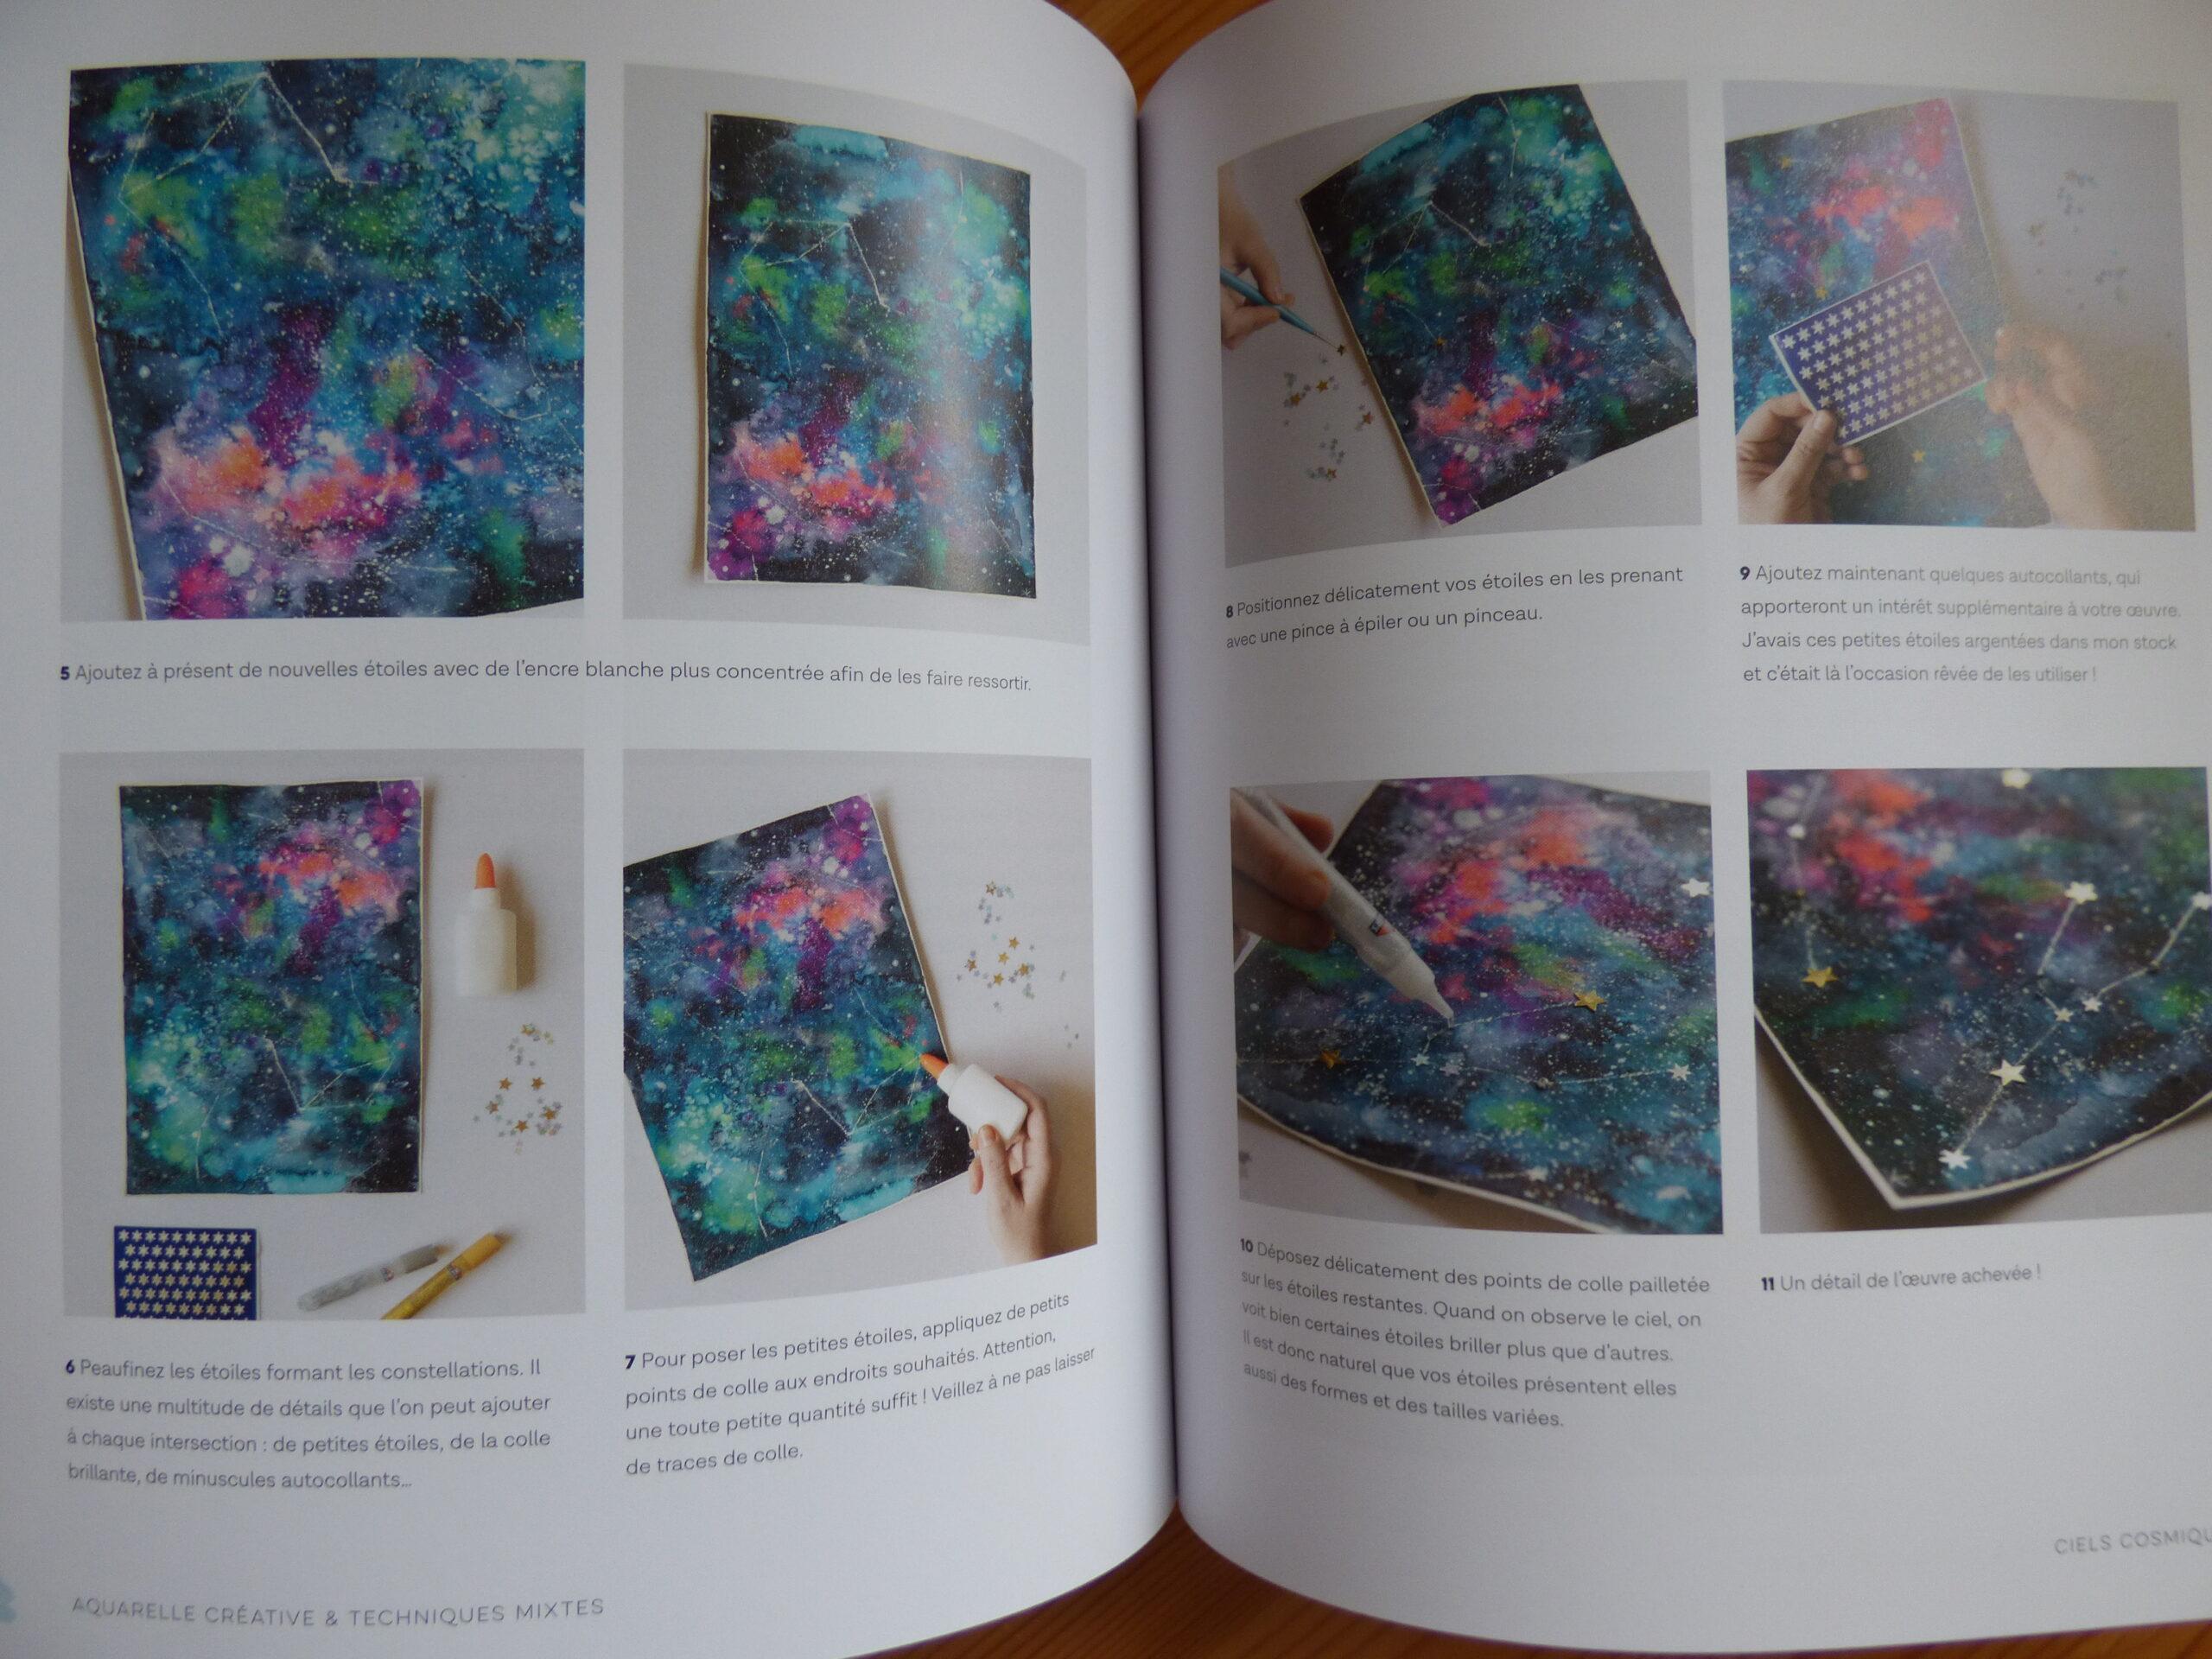 Aquarelle créative & techniques mixtes, extrait